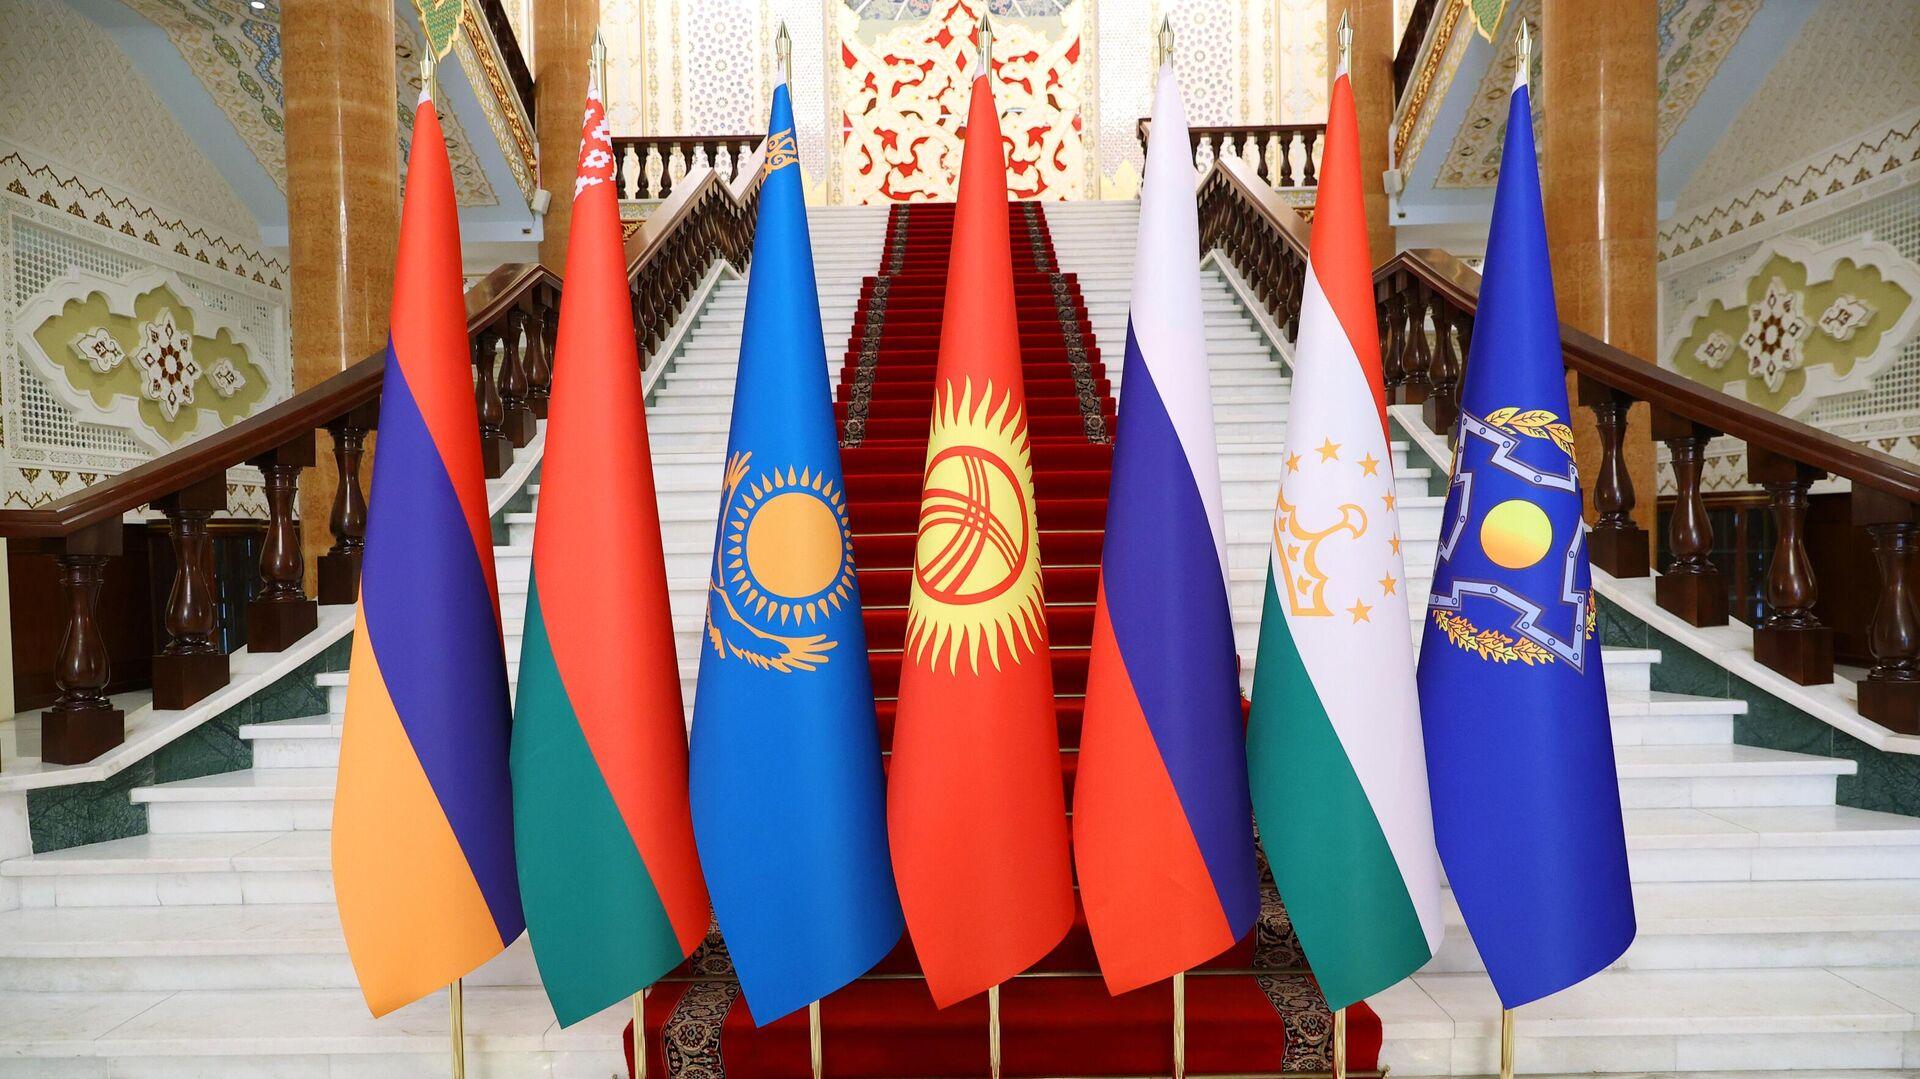 Заседание Совета коллективной безопасности ОДКБ - Sputnik Узбекистан, 1920, 20.09.2021